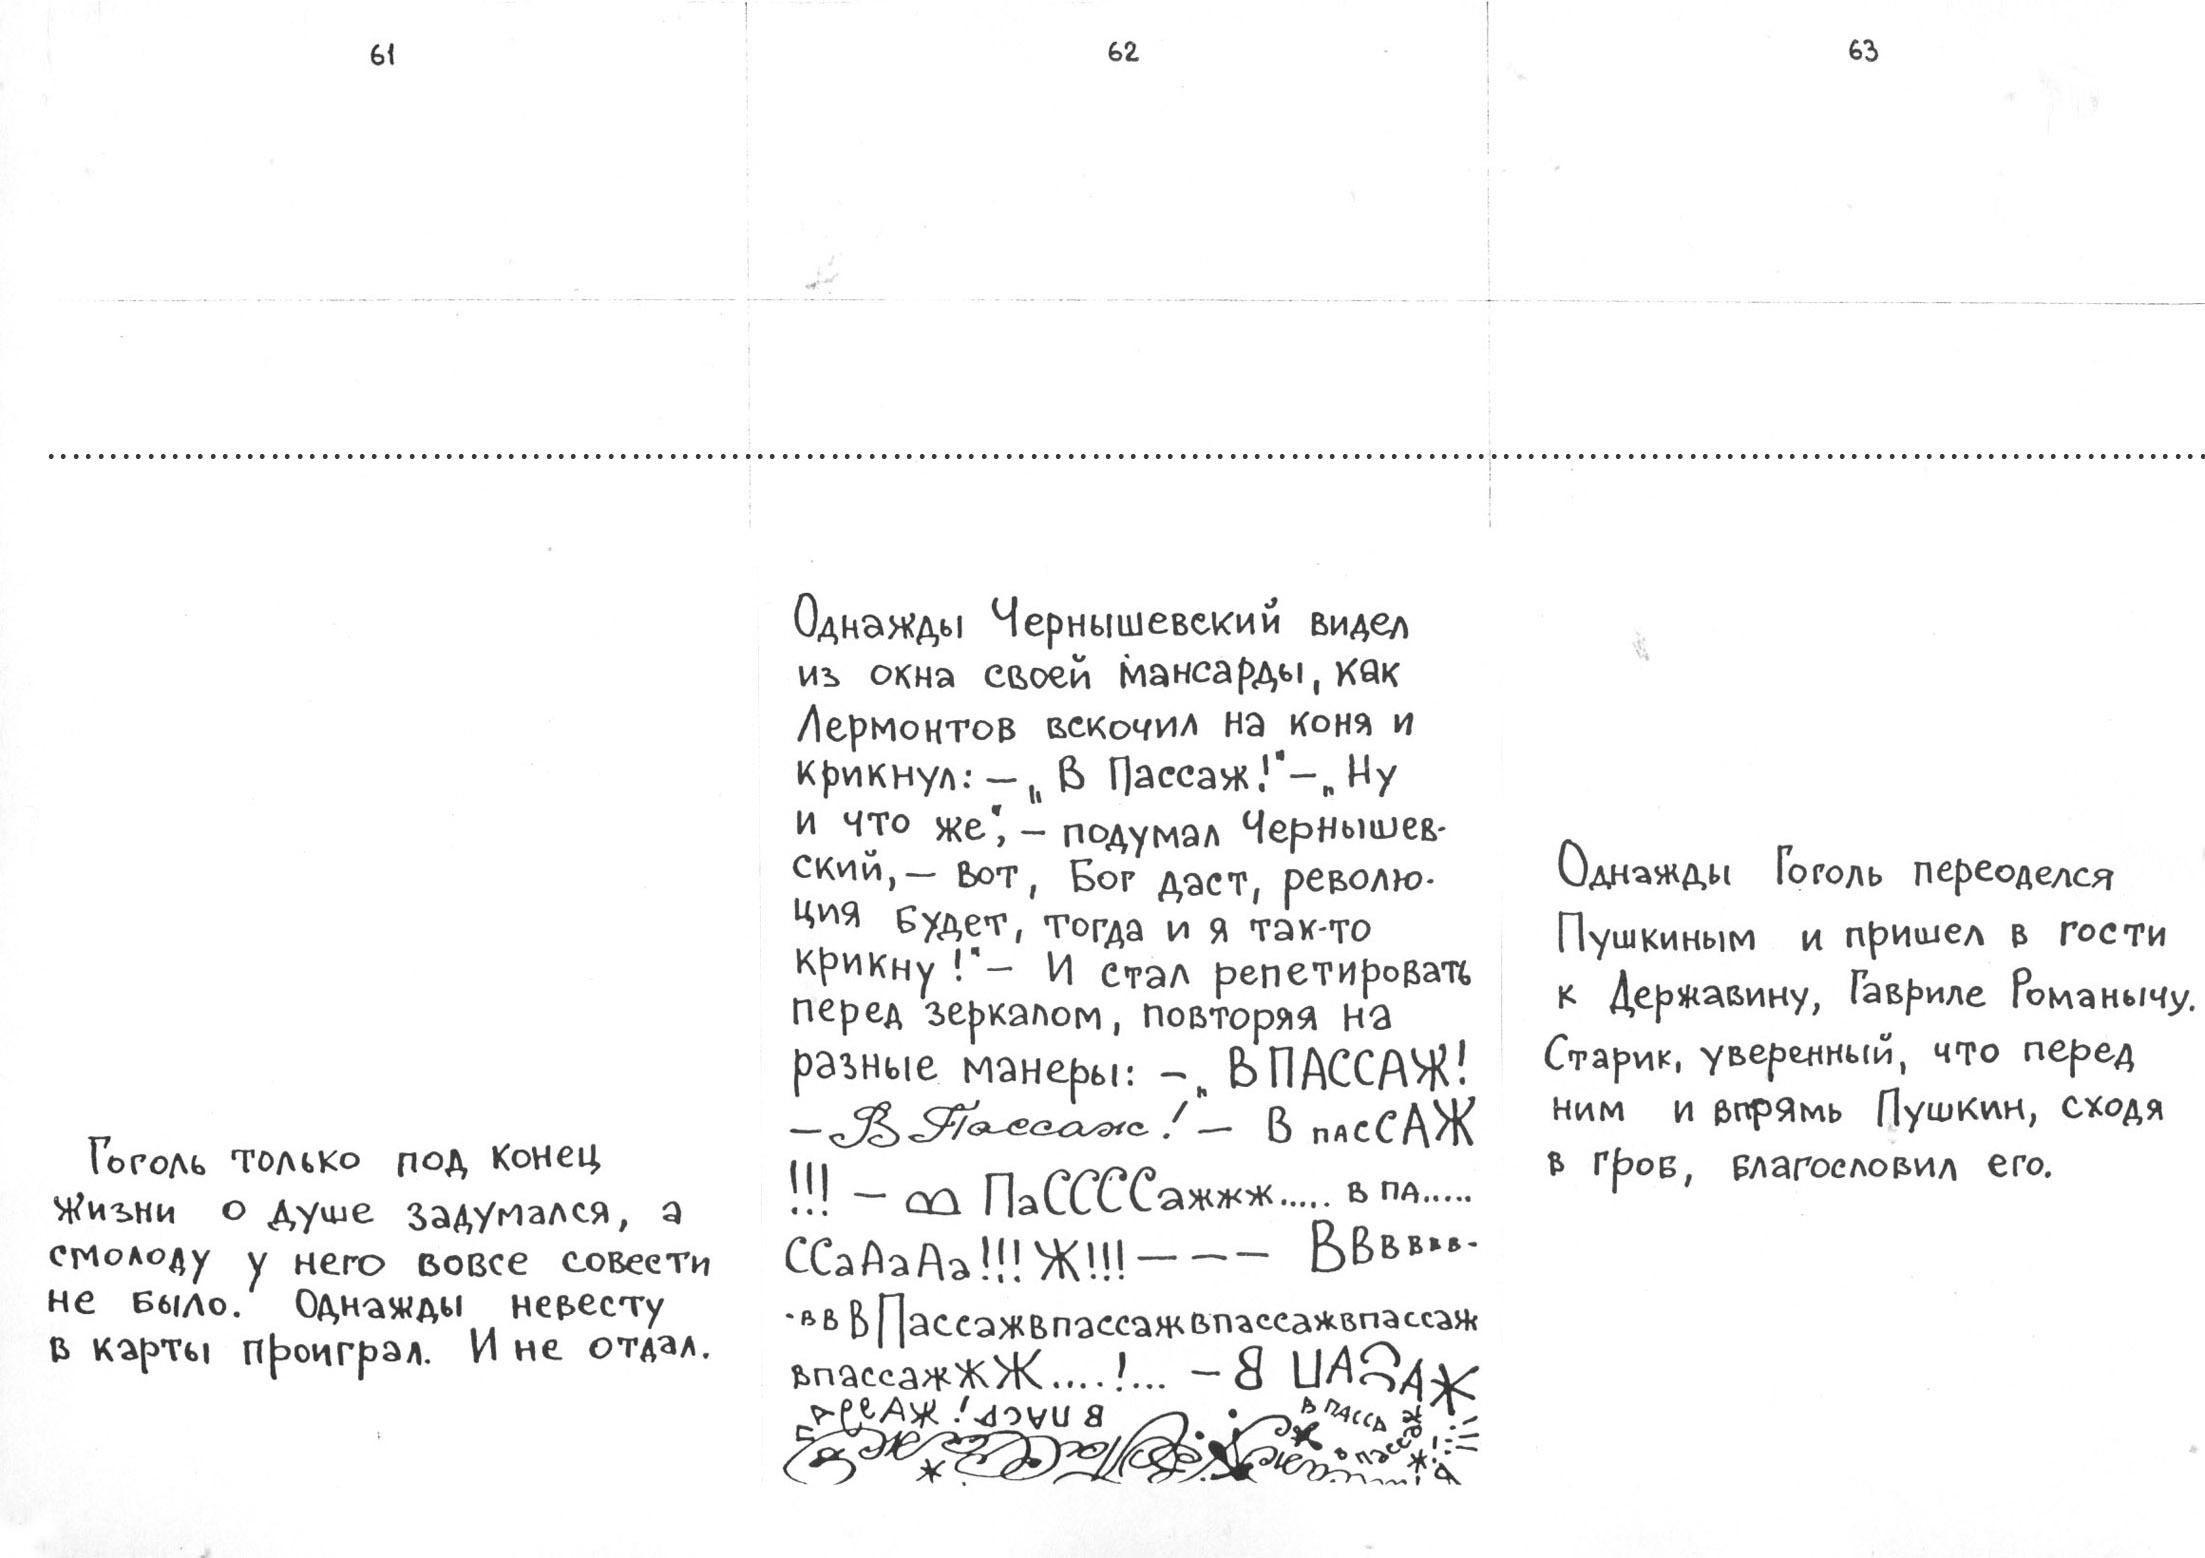 61-63.jpg